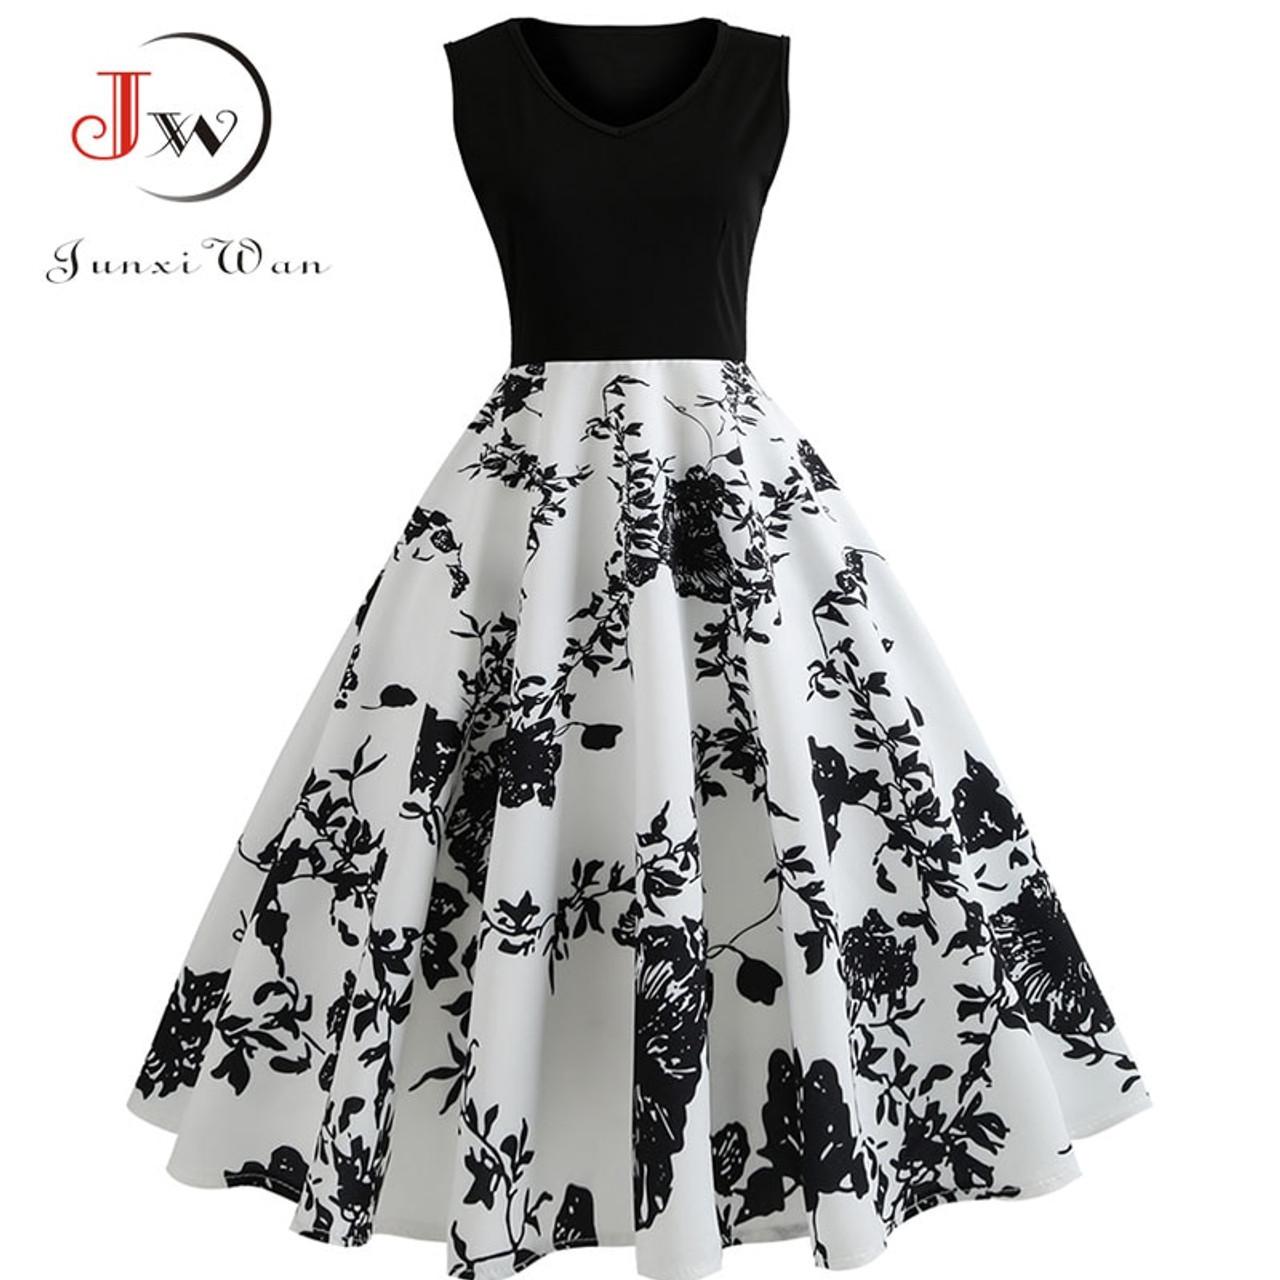 V Neck Sexy 2018 Summer Dress Women Floral Print Patchwork Vintage Dress  Hepburn 50s Elegant Party ... fc92d43495ed